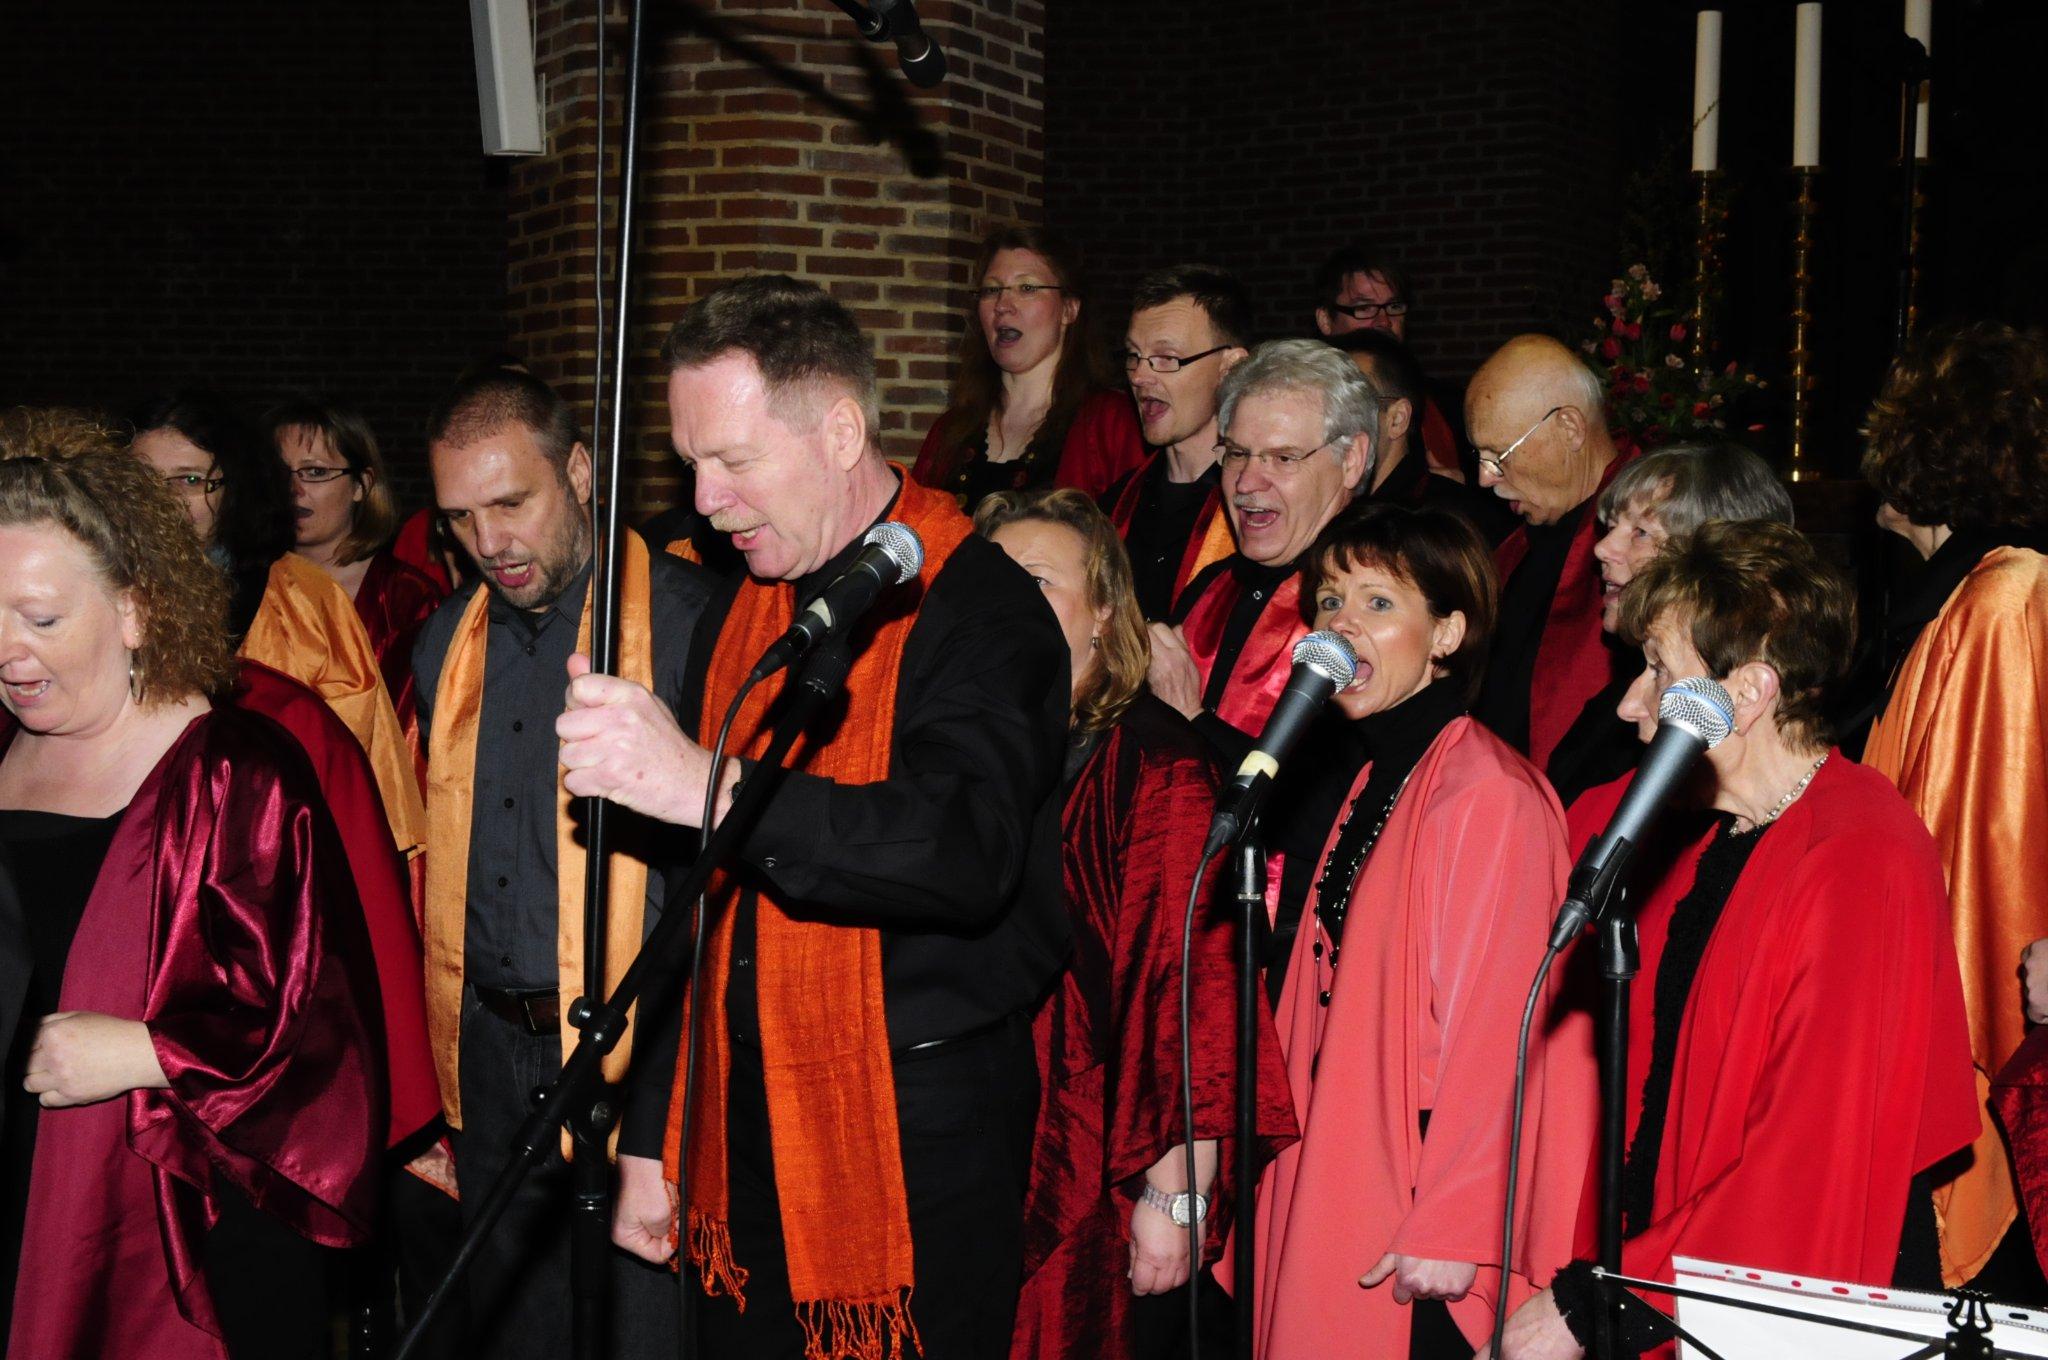 20120422 Reformations Gedaechtniskirche 074